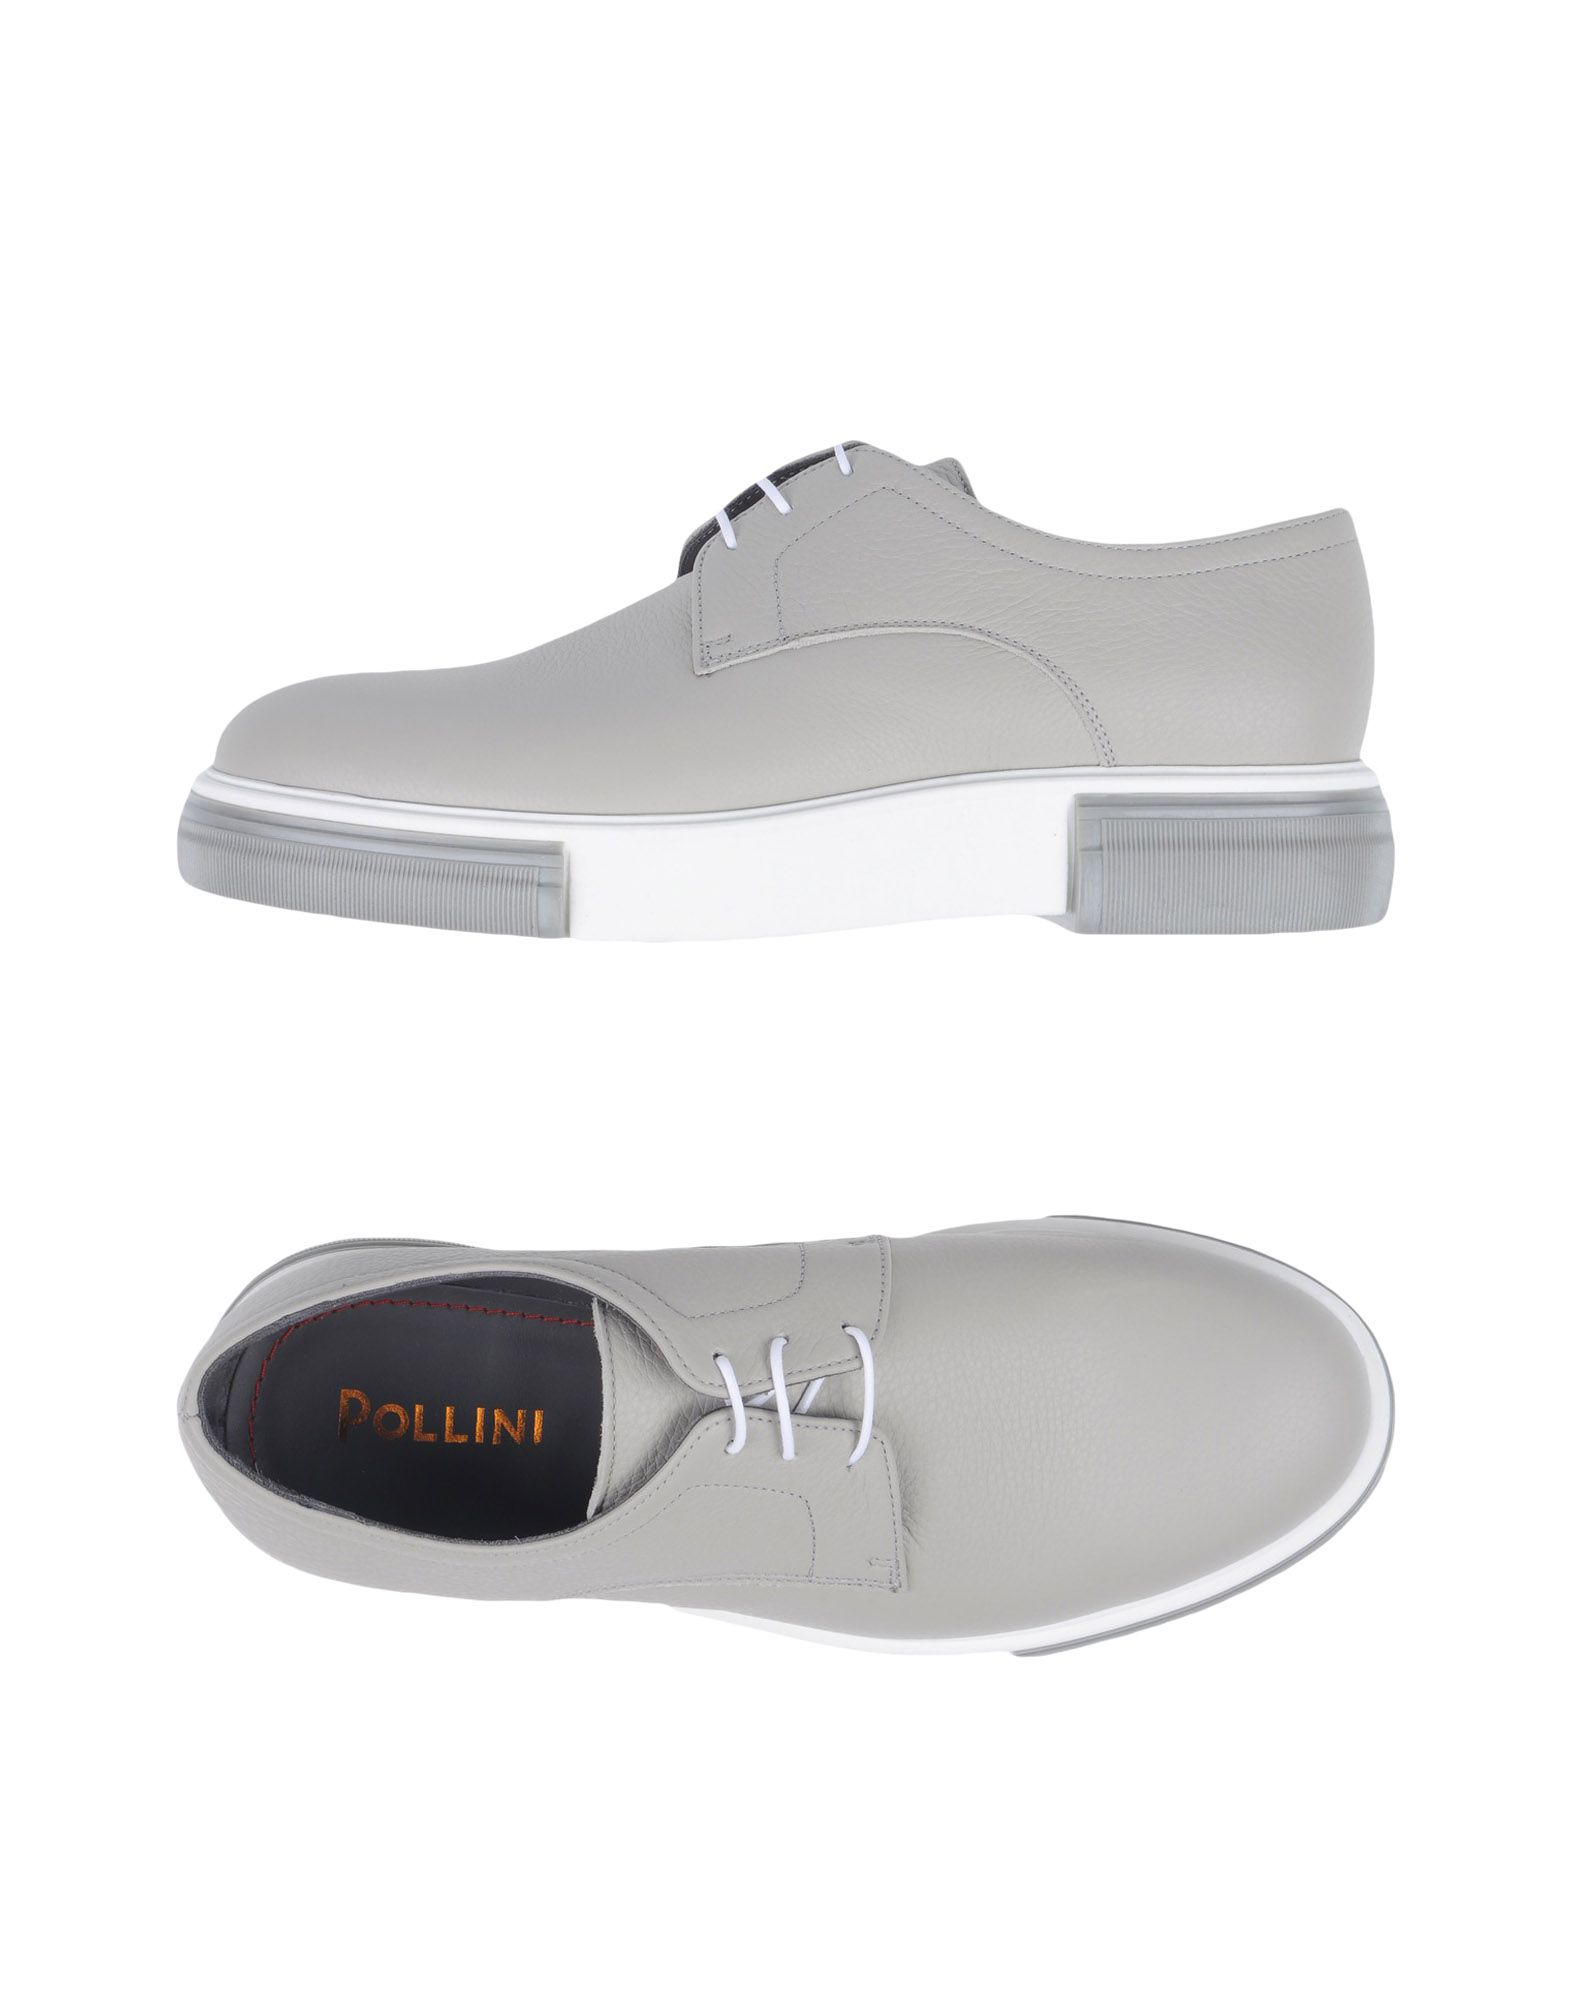 Pollini Schnürschuhe Herren  11331438AB Gute Qualität beliebte Schuhe